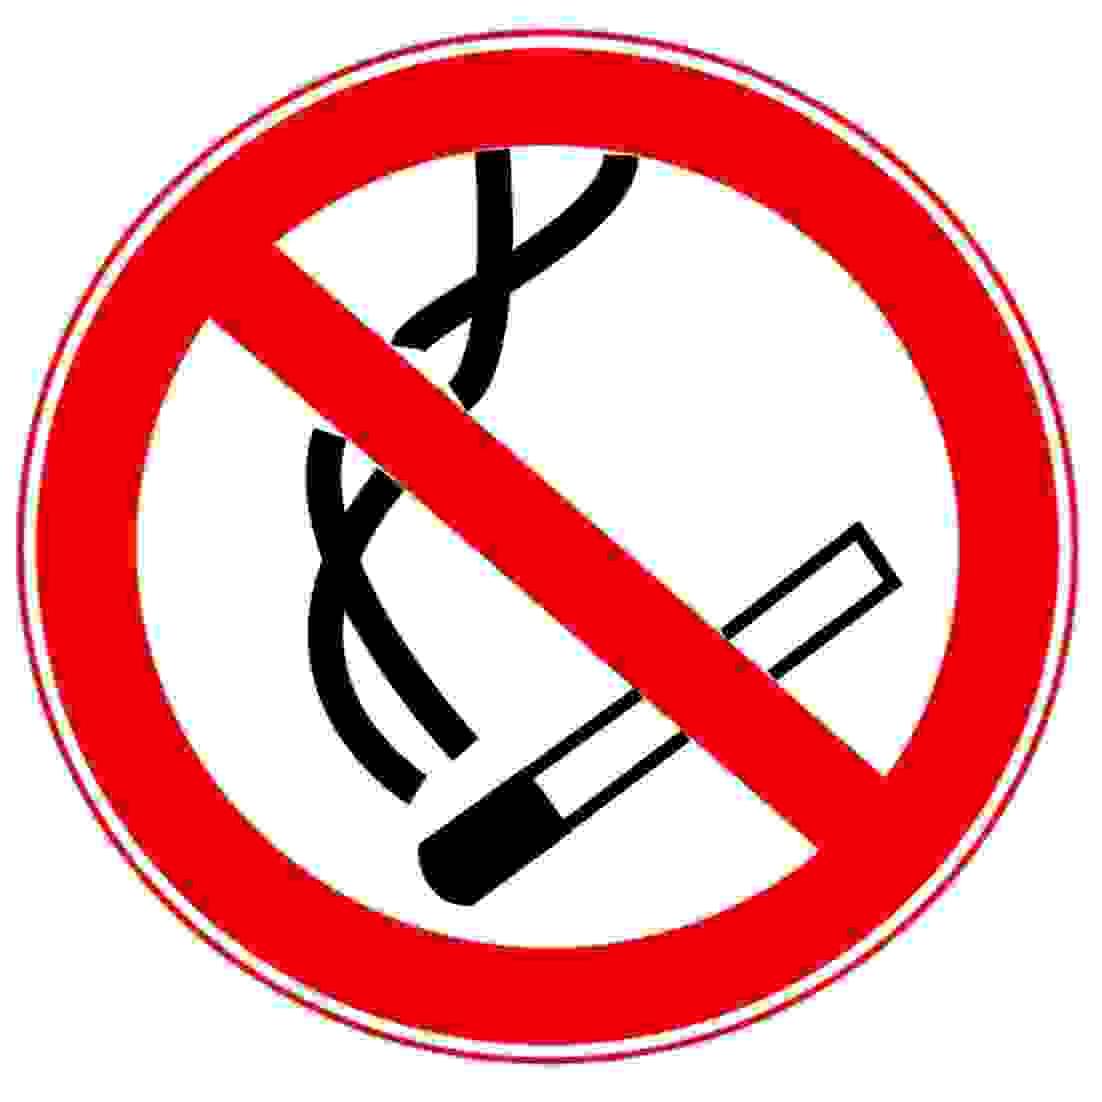 Открытки. Международный день отказа от курения. Не курю открытки фото рисунки картинки поздравления